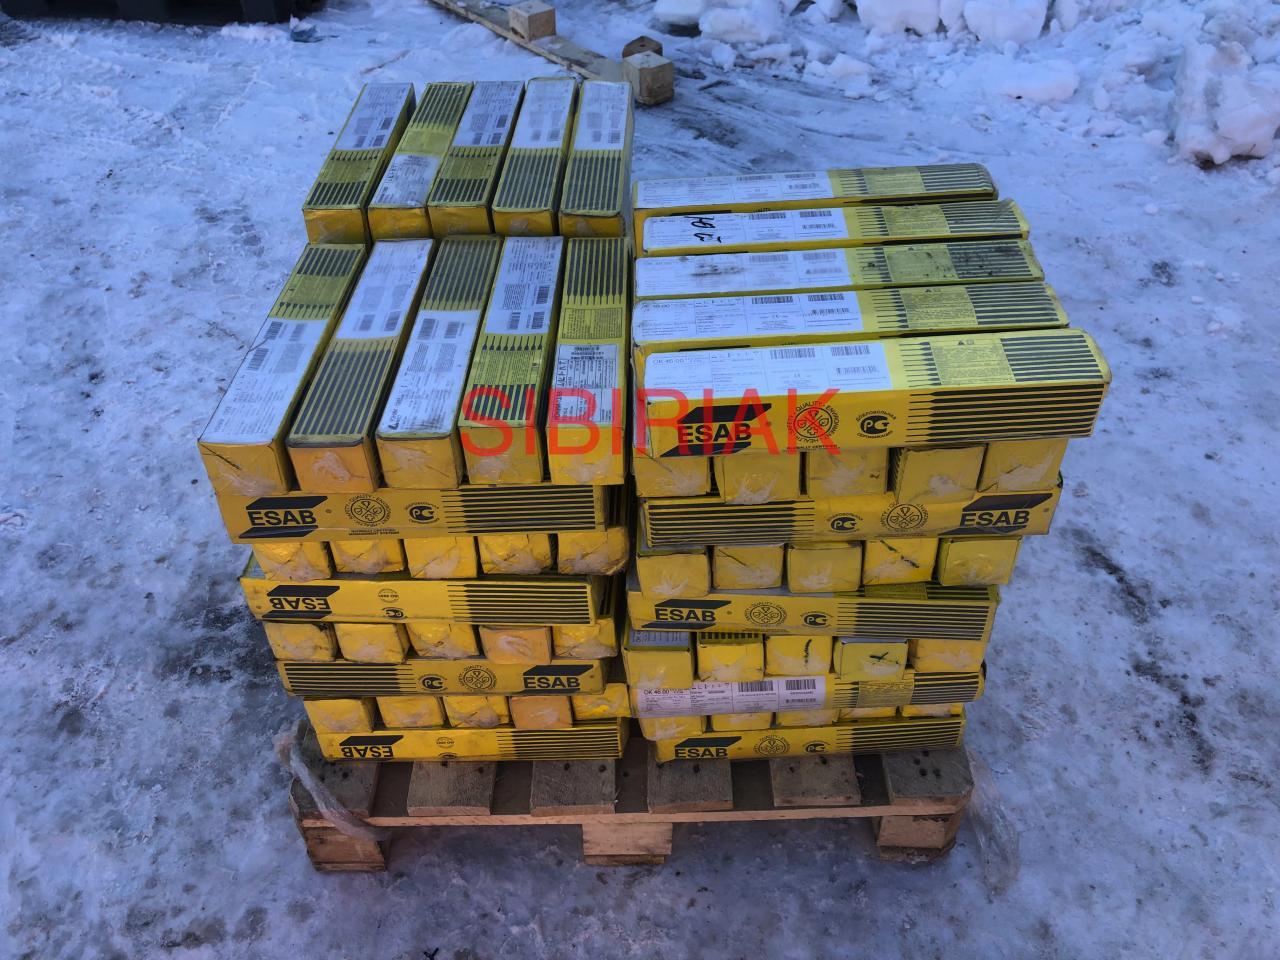 Продам Электроды ЭА 395/9, НИИ 48Г, ОЗЛ-17У, НИАТ-5 | фото 1 из 1